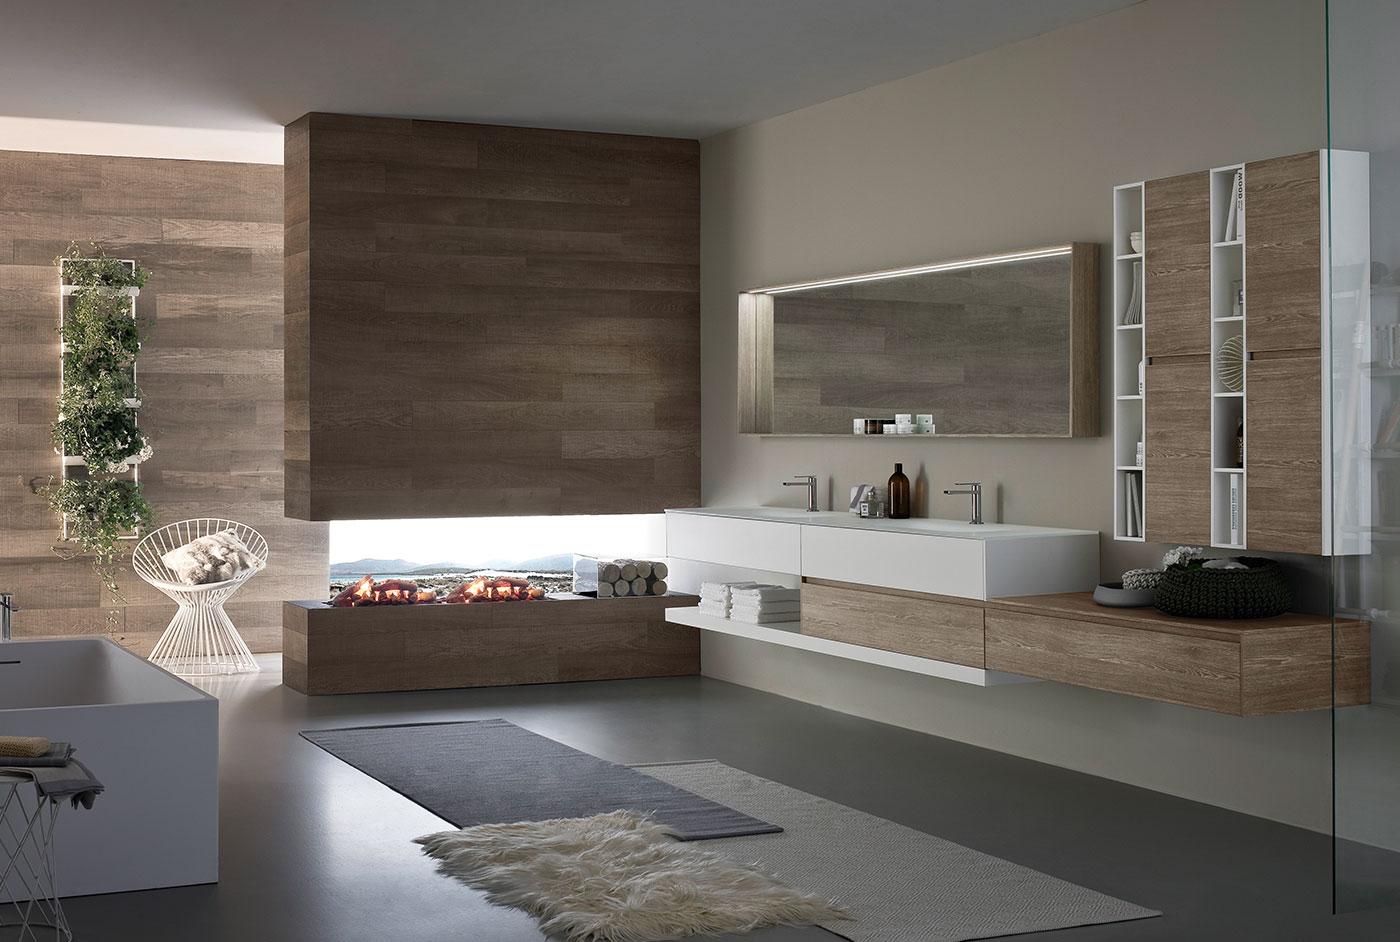 Mobiliers de salle de bain bath room - Interni bagni moderni ...